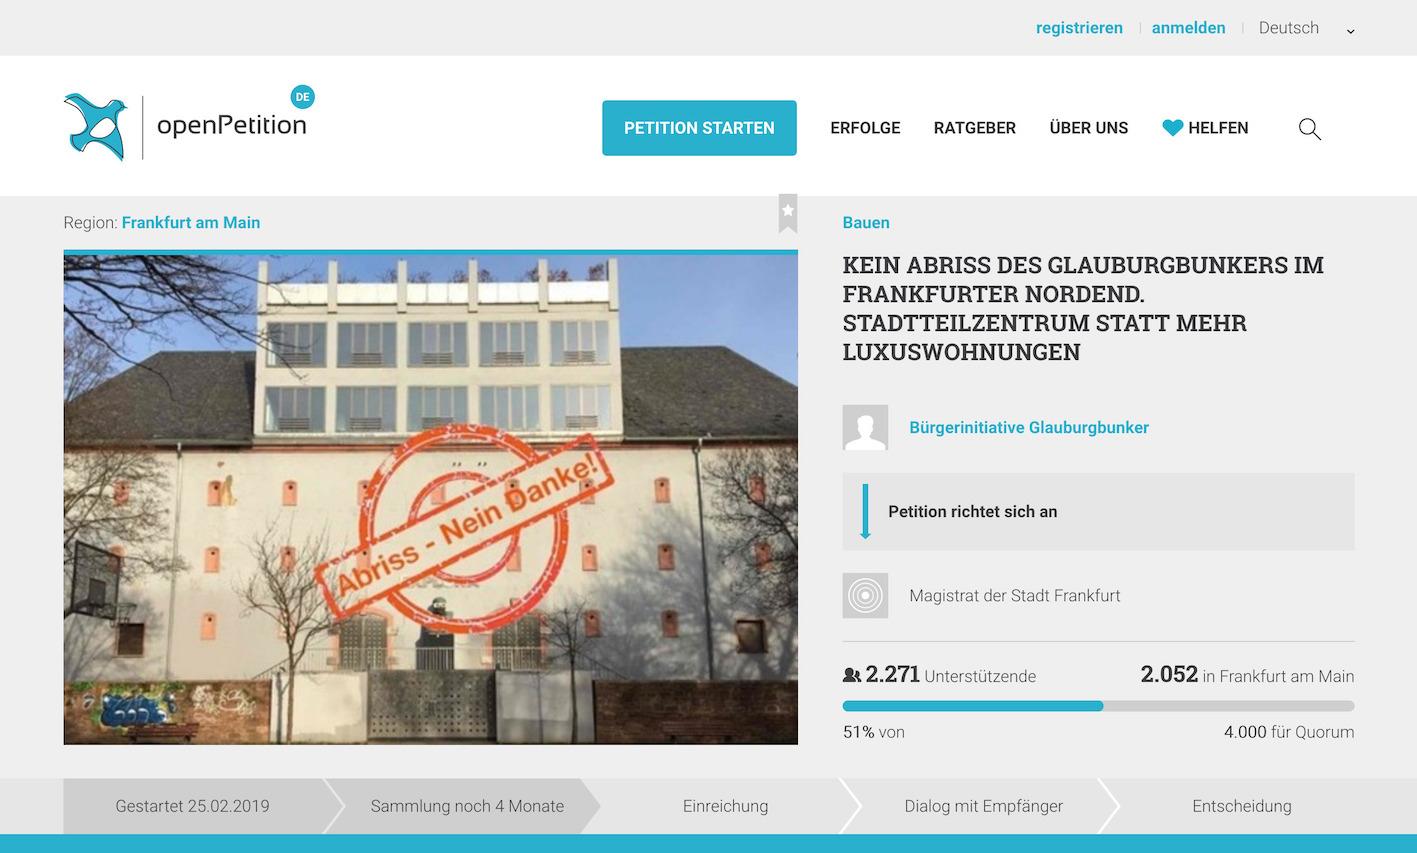 Screenshot_2019-04-09 Kein Abriss des Glauburgbunkers im Frankfurter Nordend Stadtteilzentrum statt mehr Luxuswohnungen - O[...].jpg